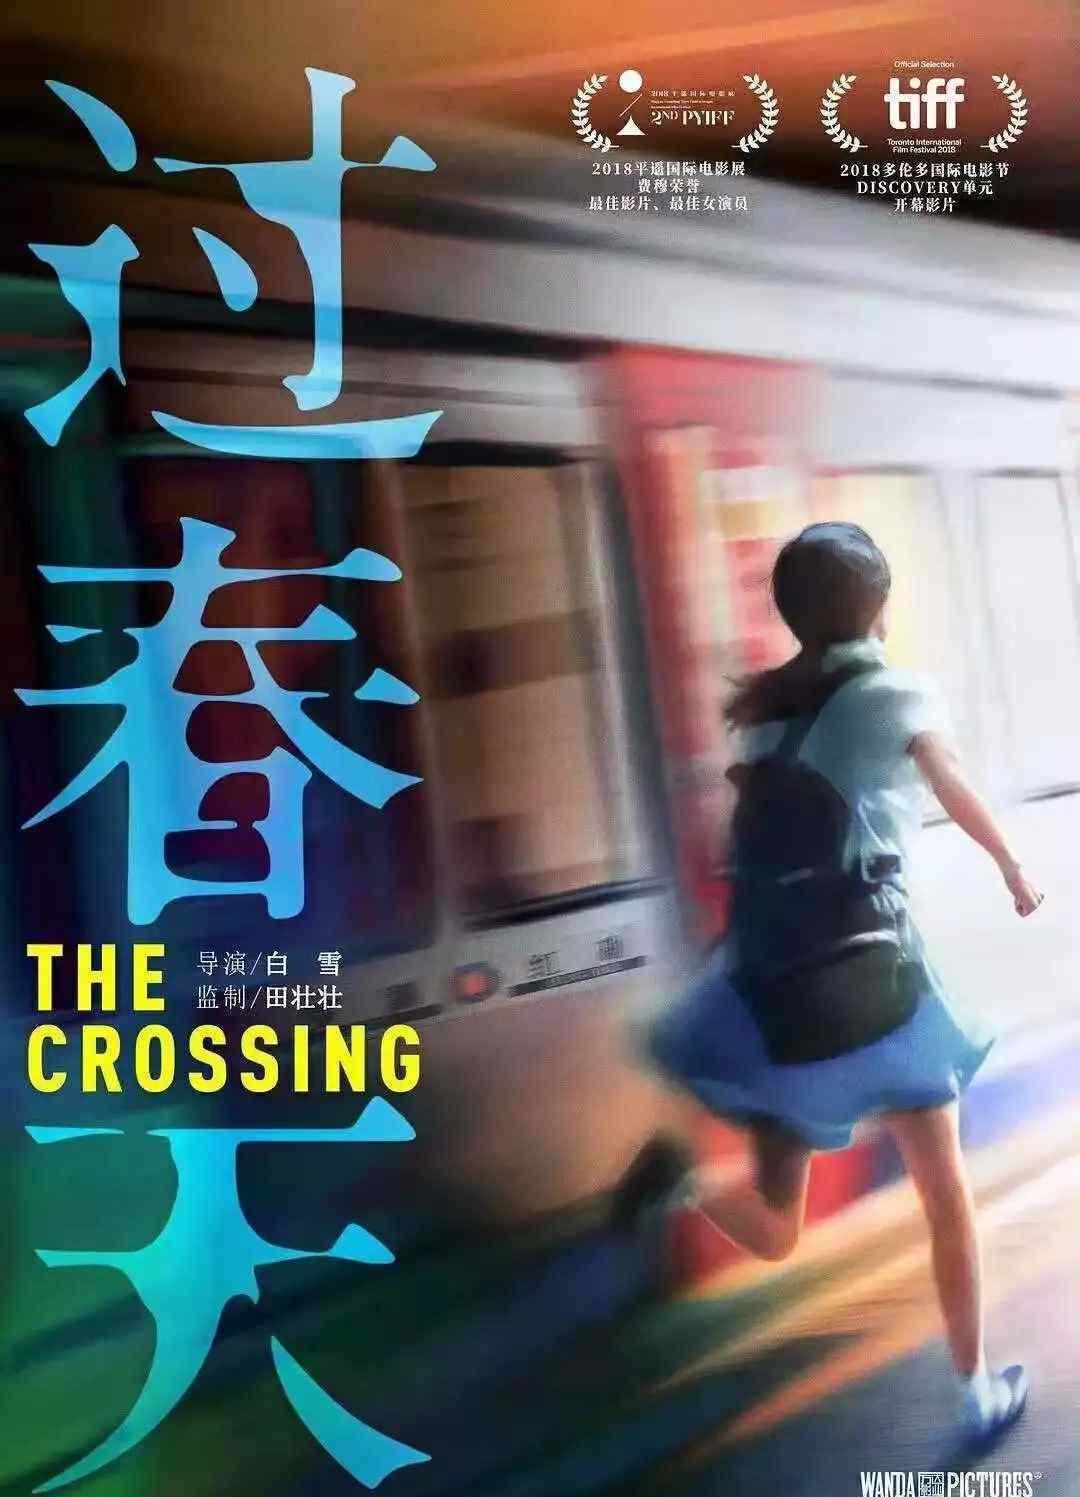 香港成人片 16岁「不良少女」的青春片,最怕成年人会看懂